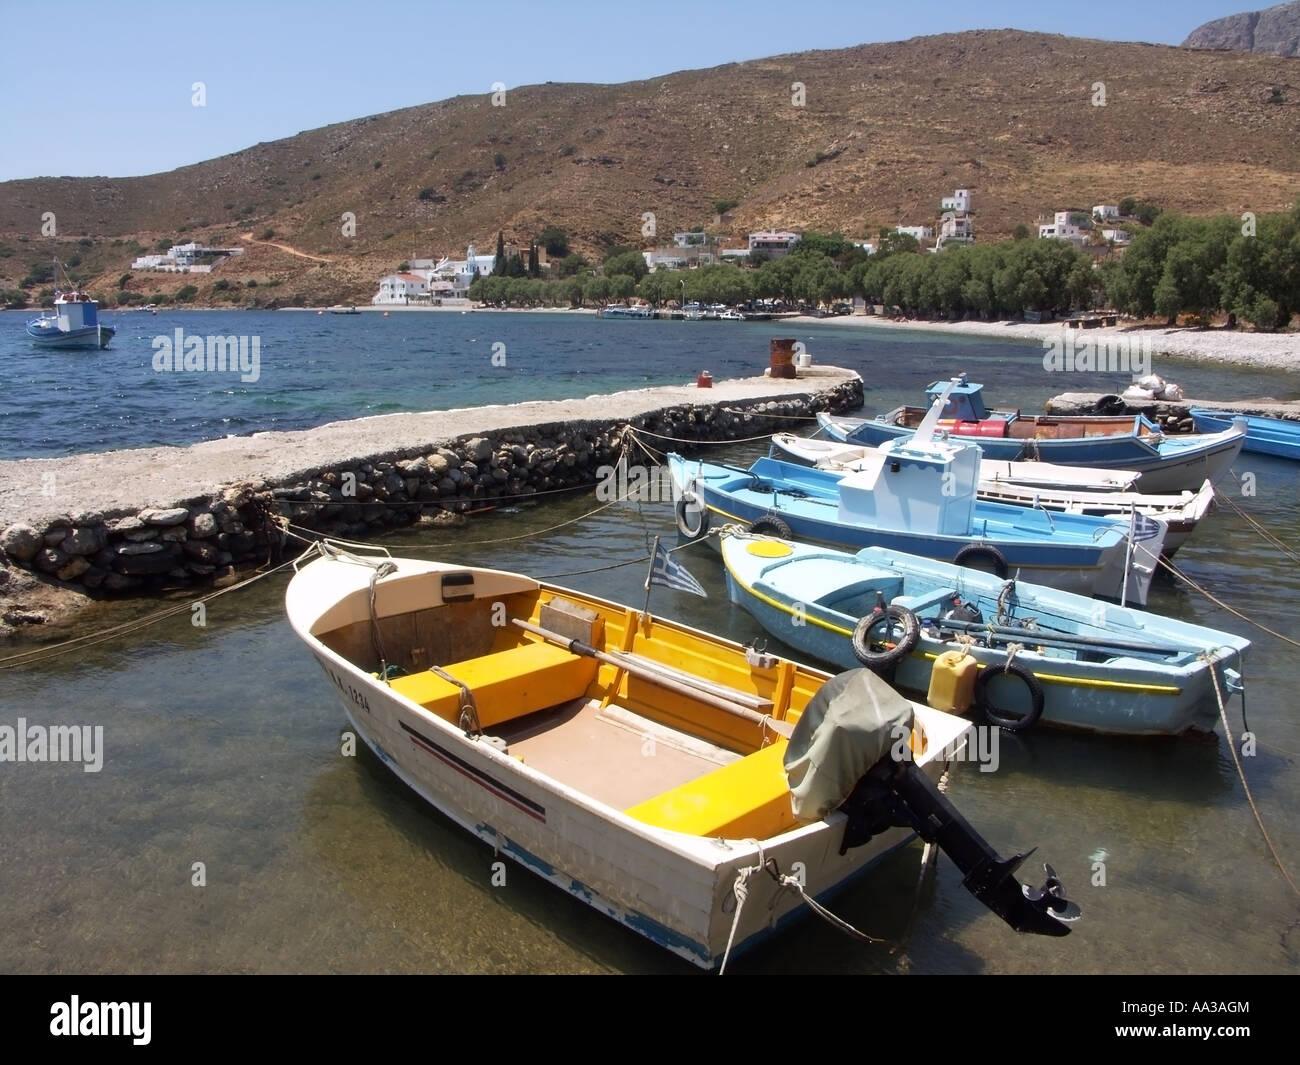 Emborios beach, Kalymnos, Dodecanese Greece. - Stock Image